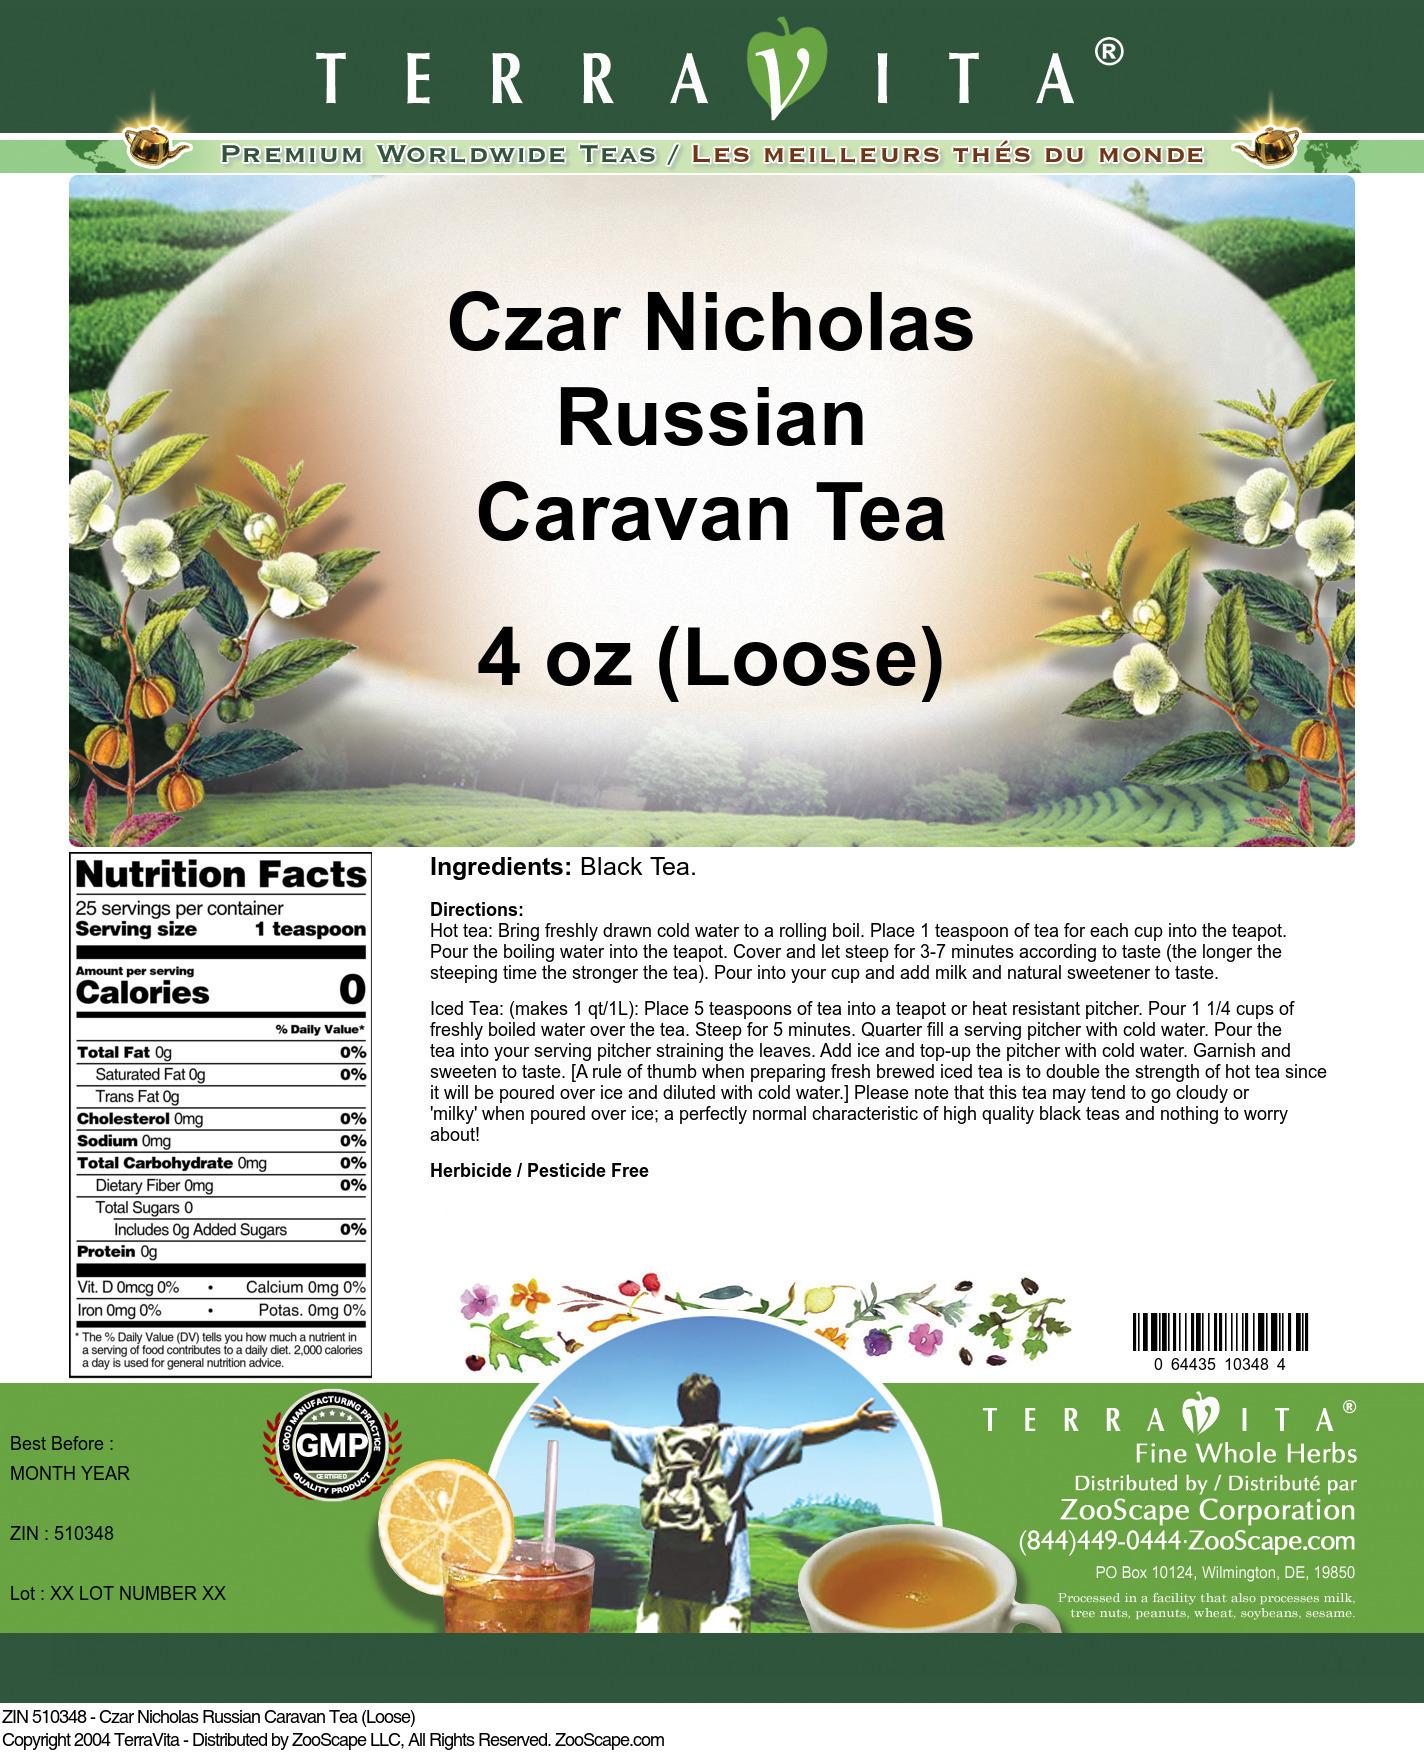 Czar Nicholas Russian Caravan Tea (Loose)